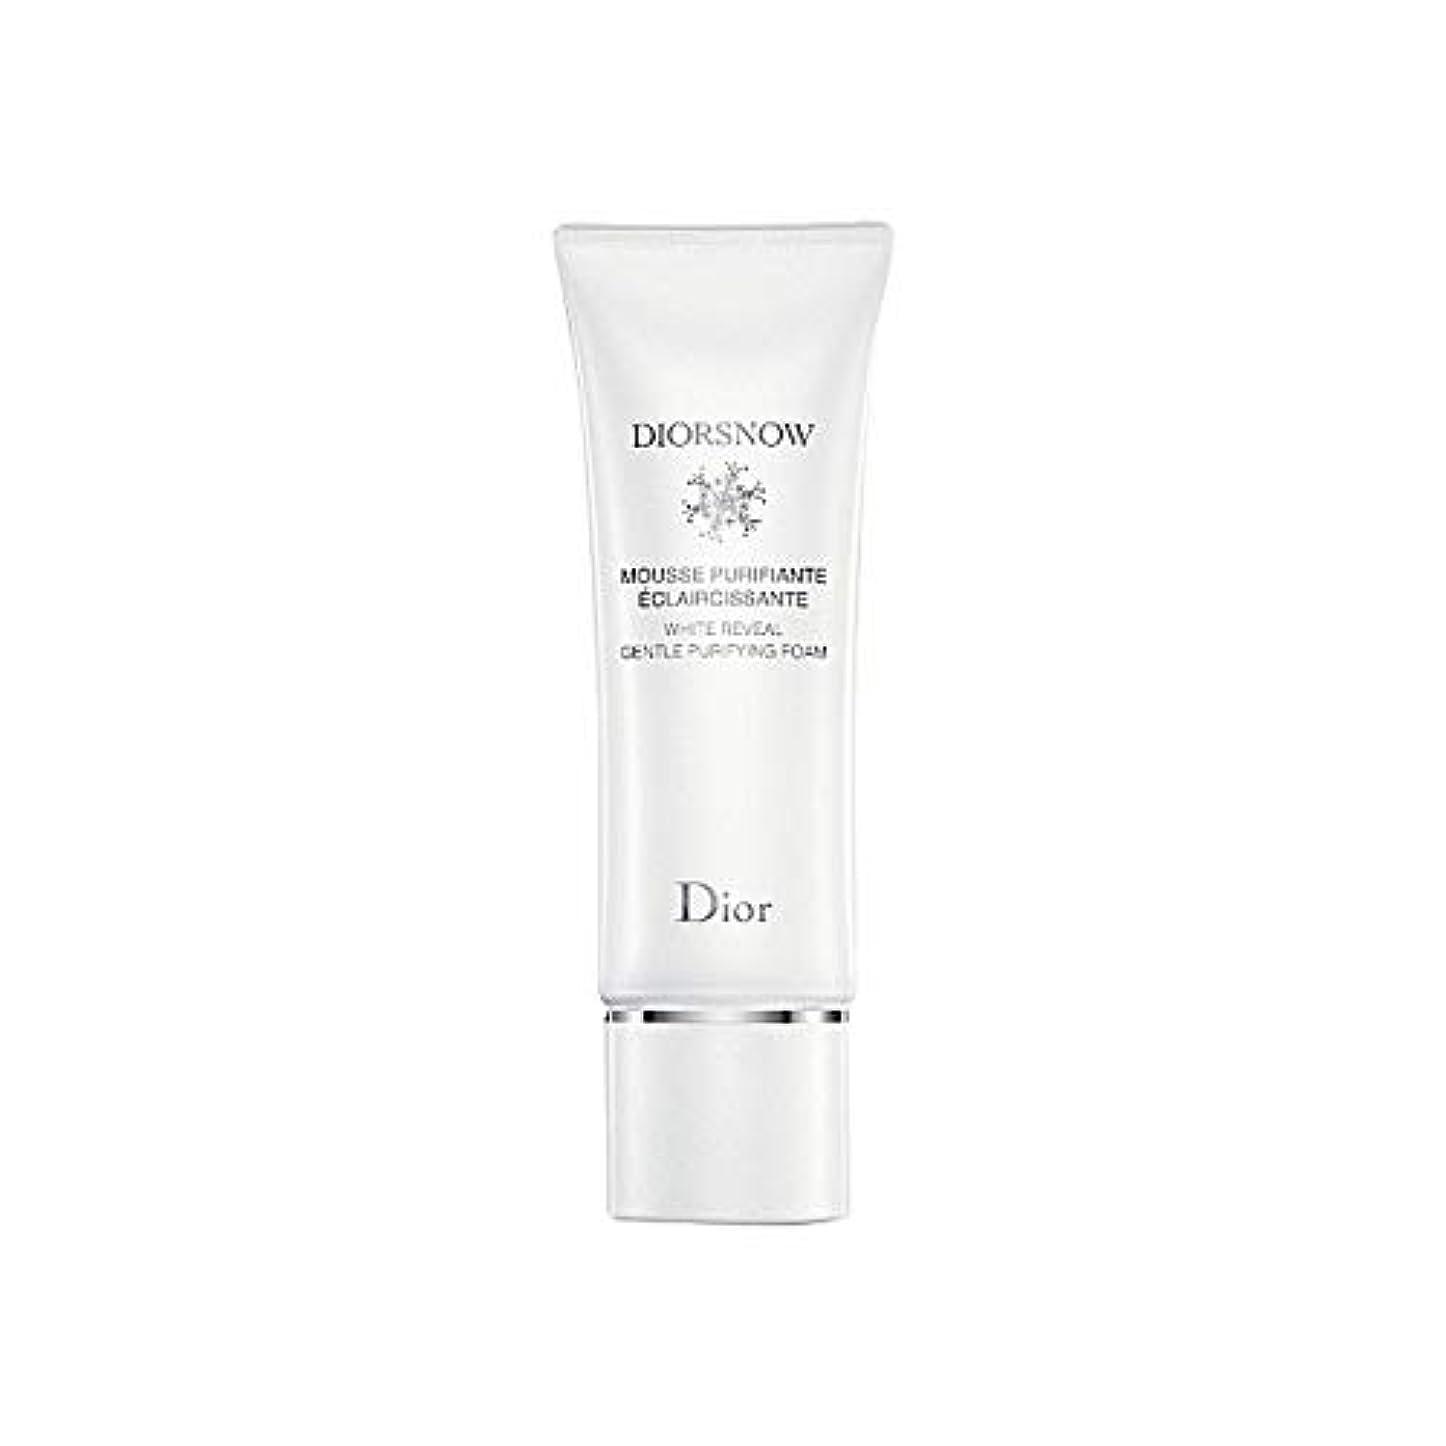 ミット可能性いわゆる[Dior] ディオールディオールスノー浄化フォーム - Dior Diorsnow Purifying Foam [並行輸入品]